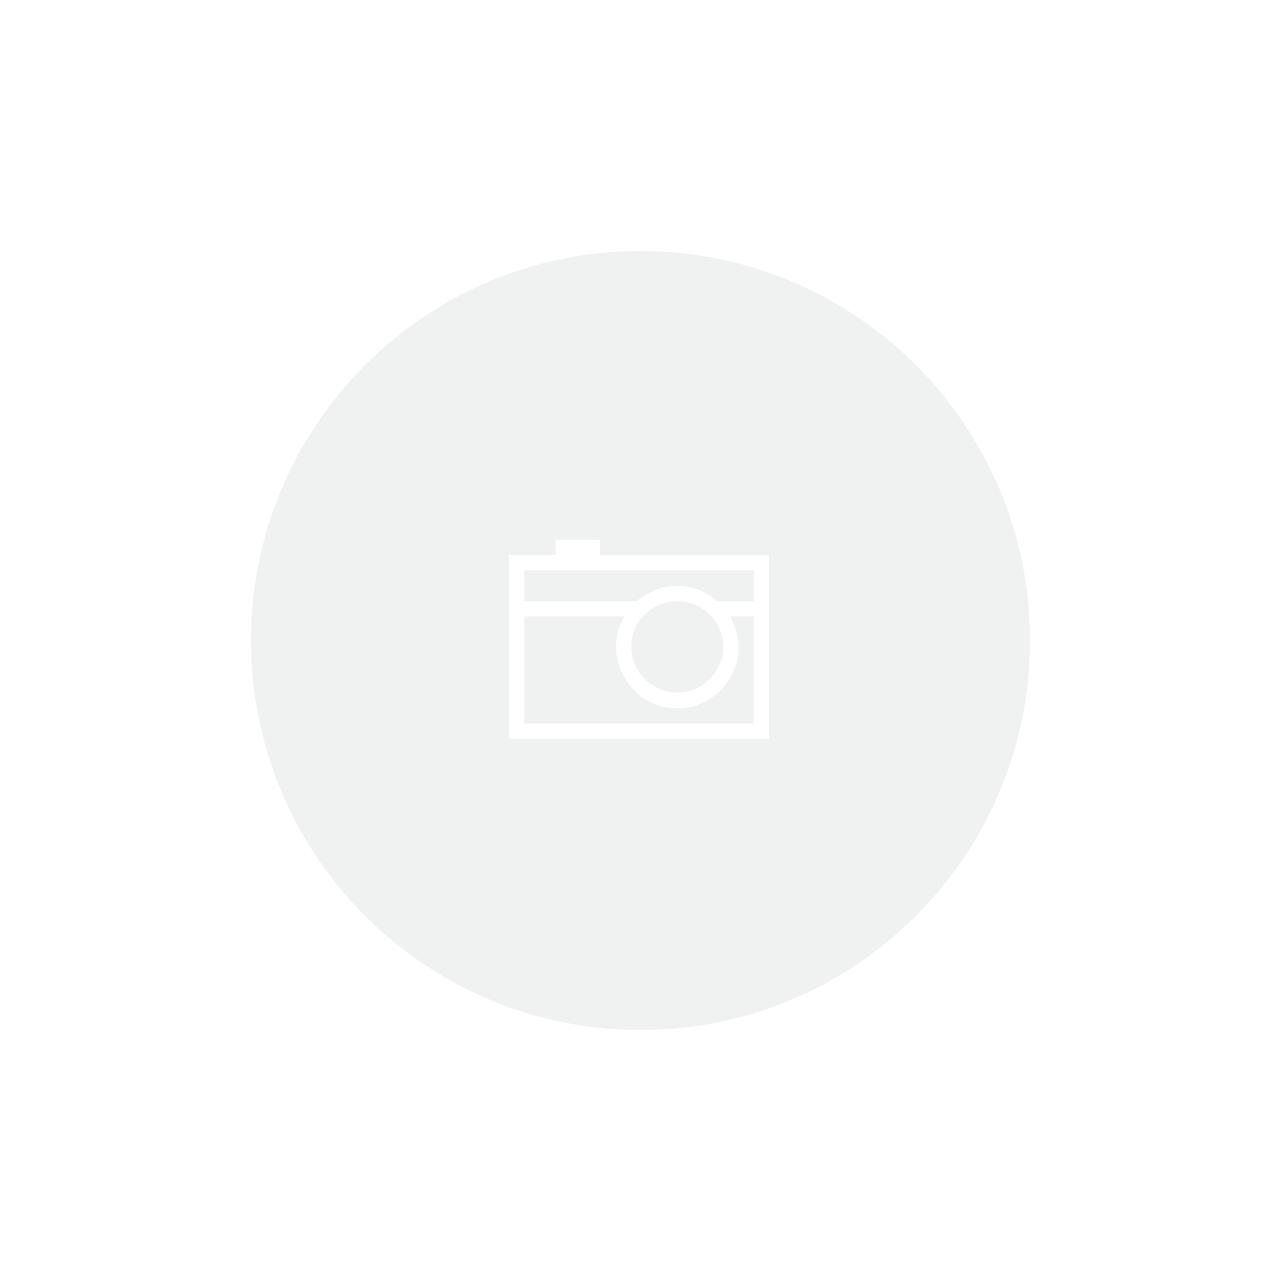 Soprador para Pet Shop, Silencioso 110V - Kyklon RX Pink